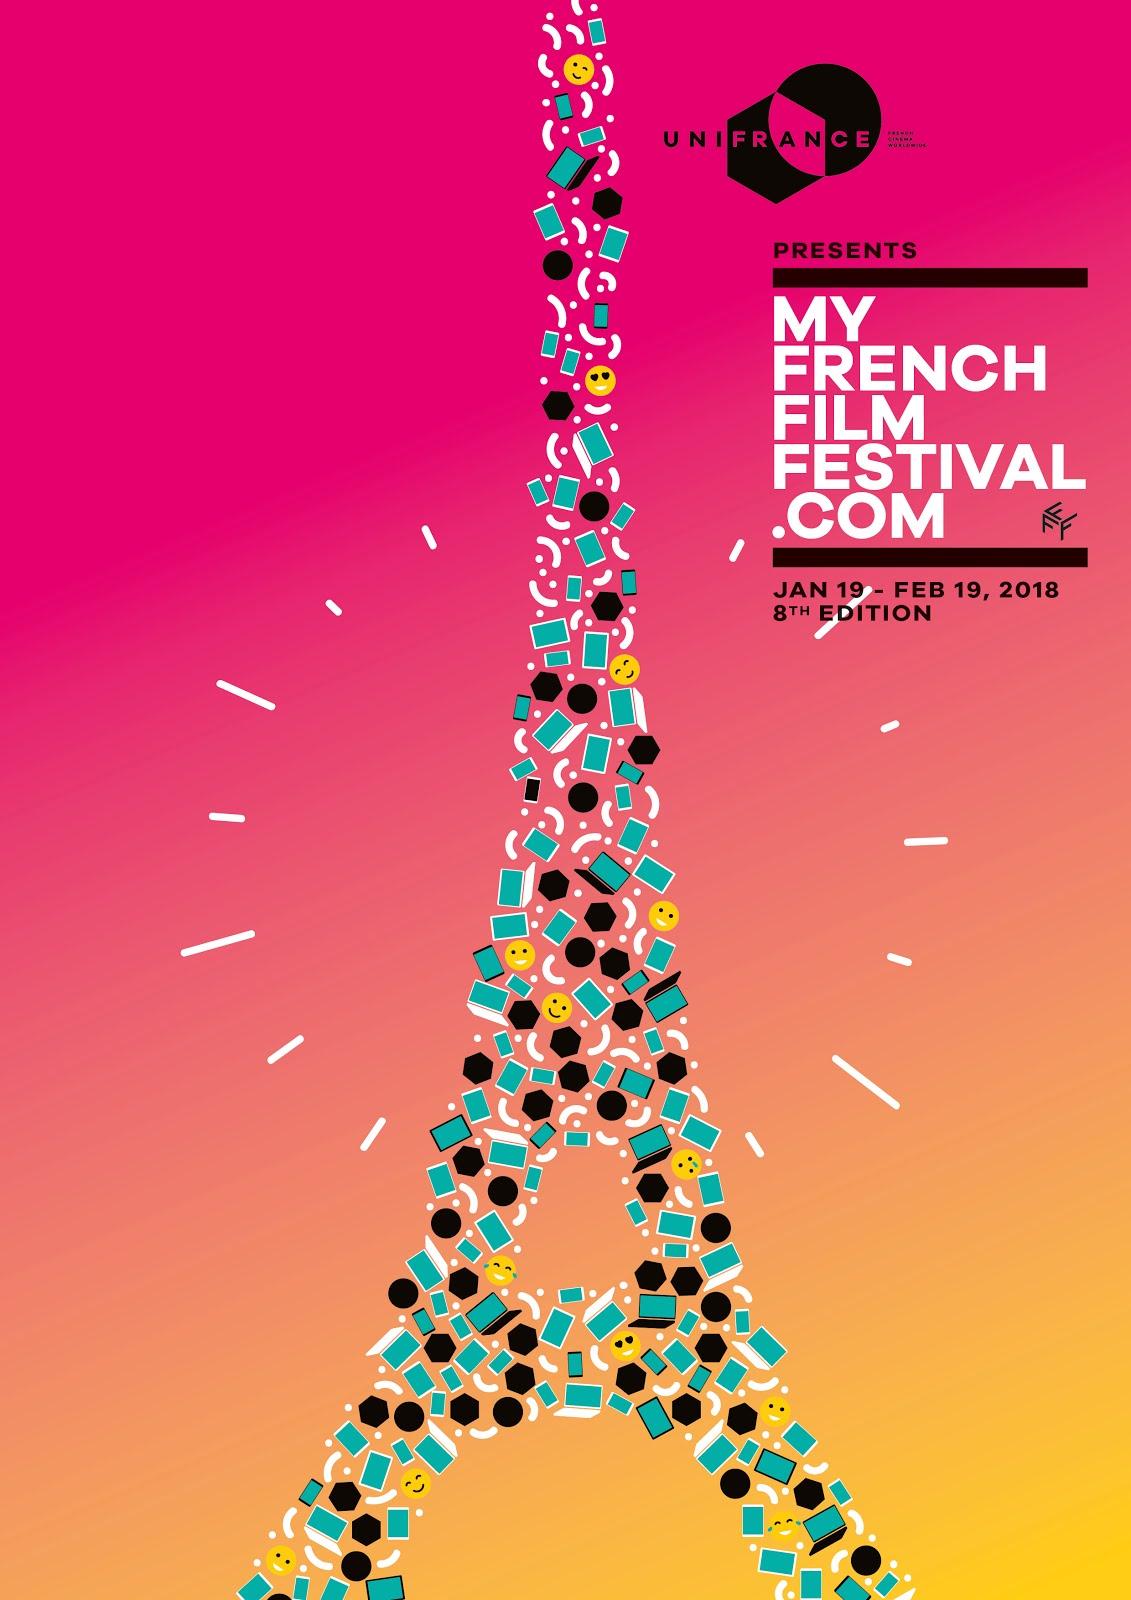 MyFrenchFilmFestival 2018